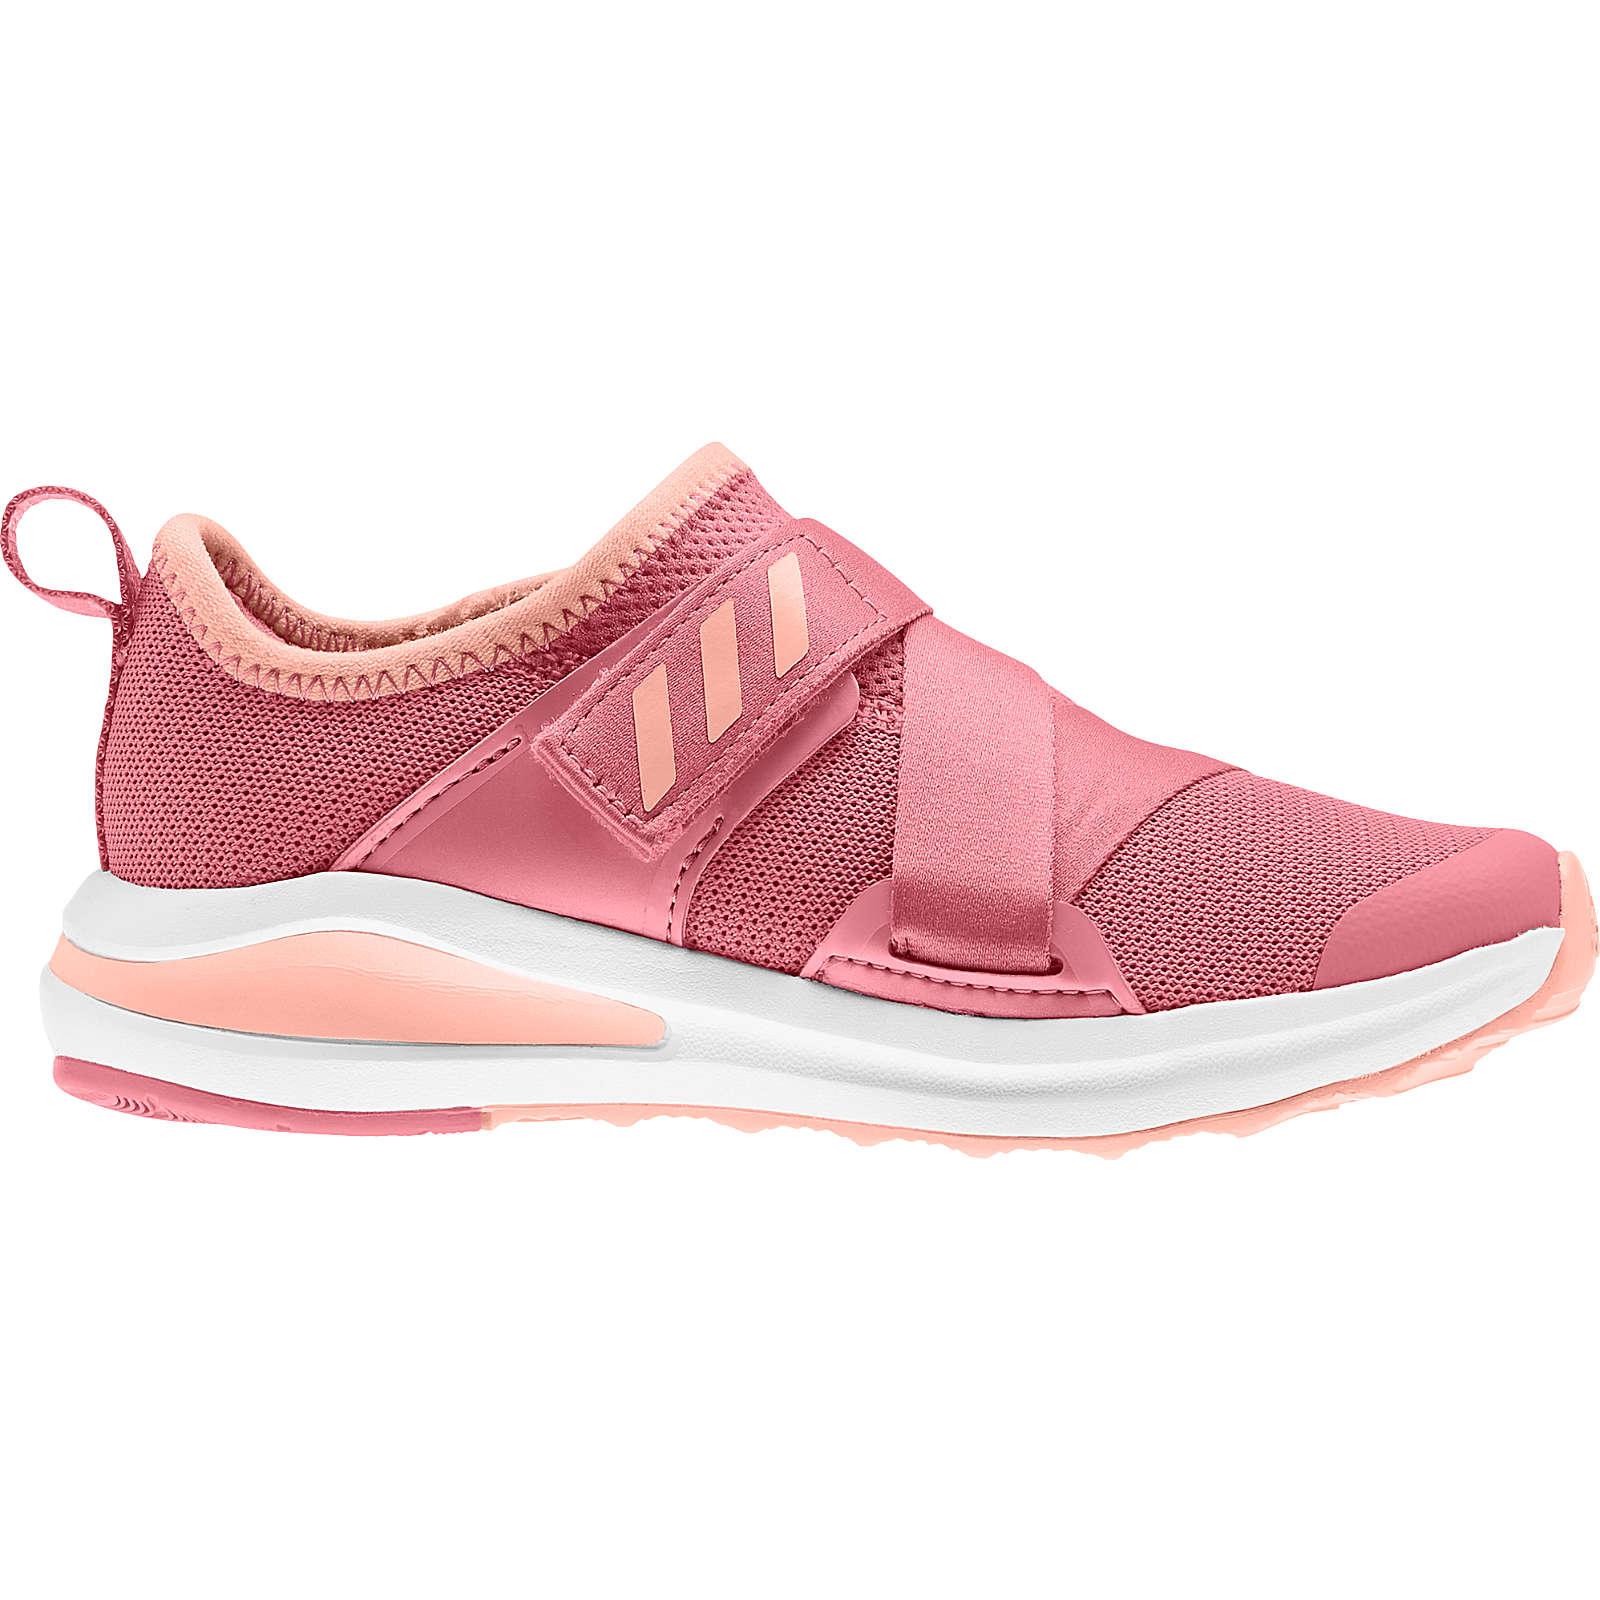 adidas Sportschuhe FORTARUN X K für Mädchen pink Mädchen Gr. 38